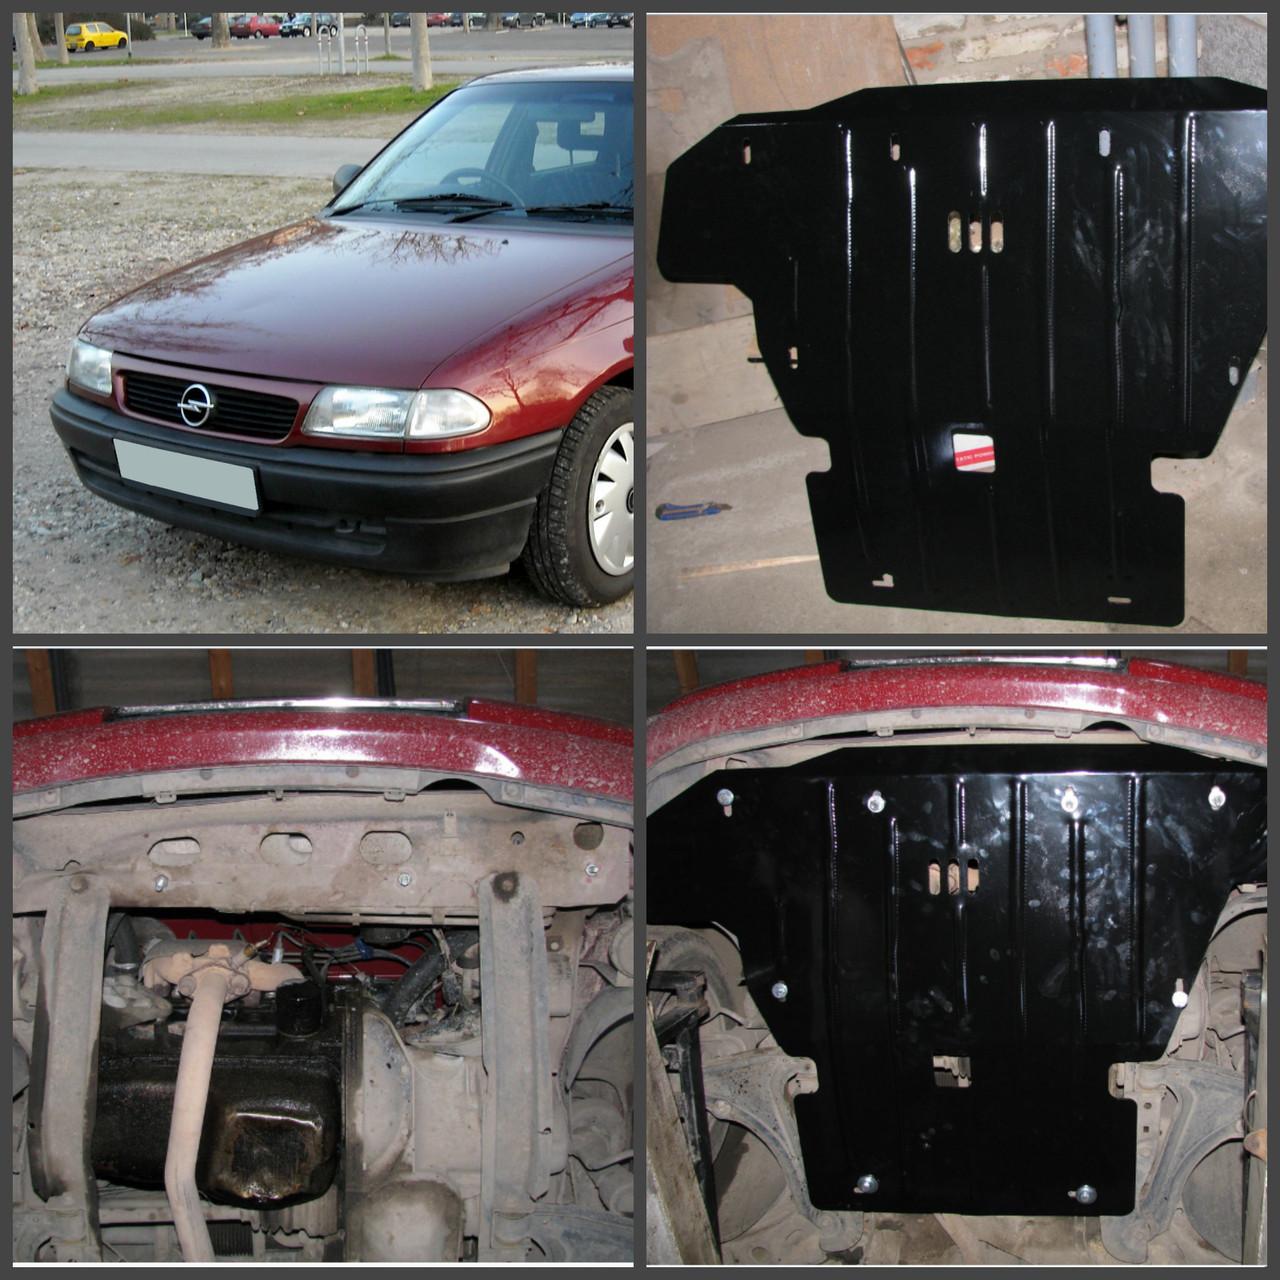 Защита двигателя Opel Vectra A (1988-1995) V-все (двигатель, КПП, радиатор)